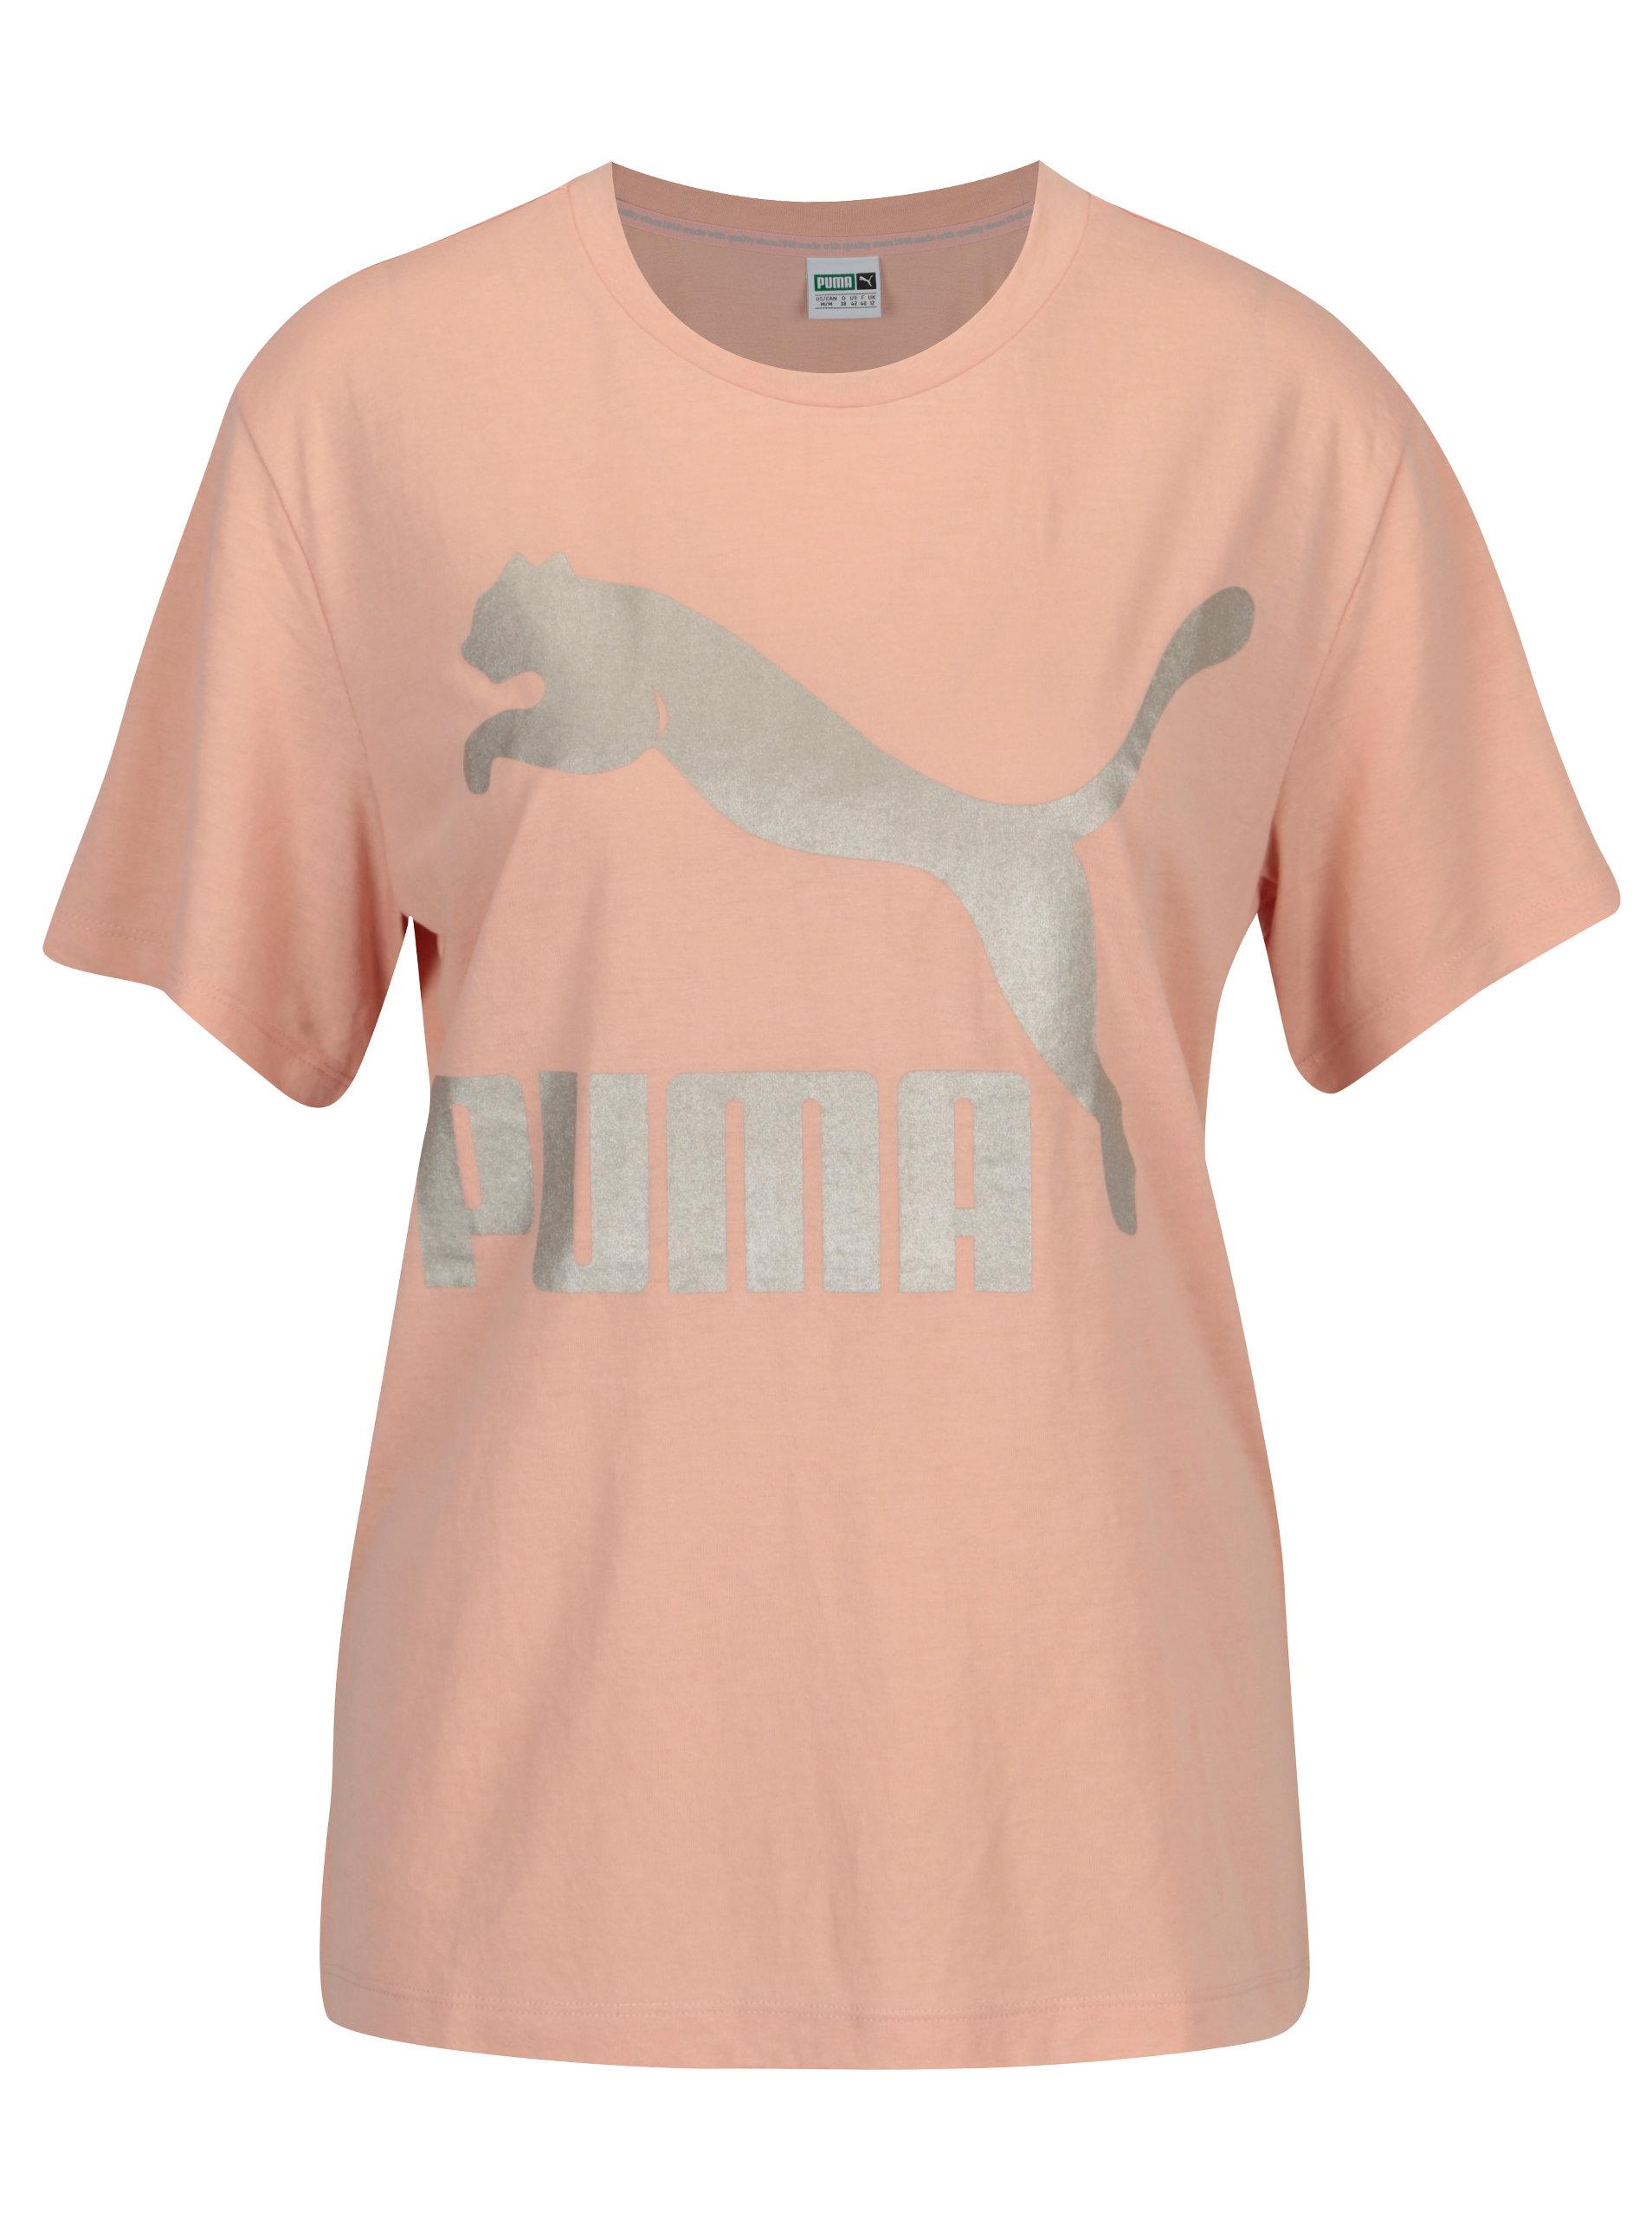 Ružové dámske tričko s potlačou Puma ... 144c8c98c4e